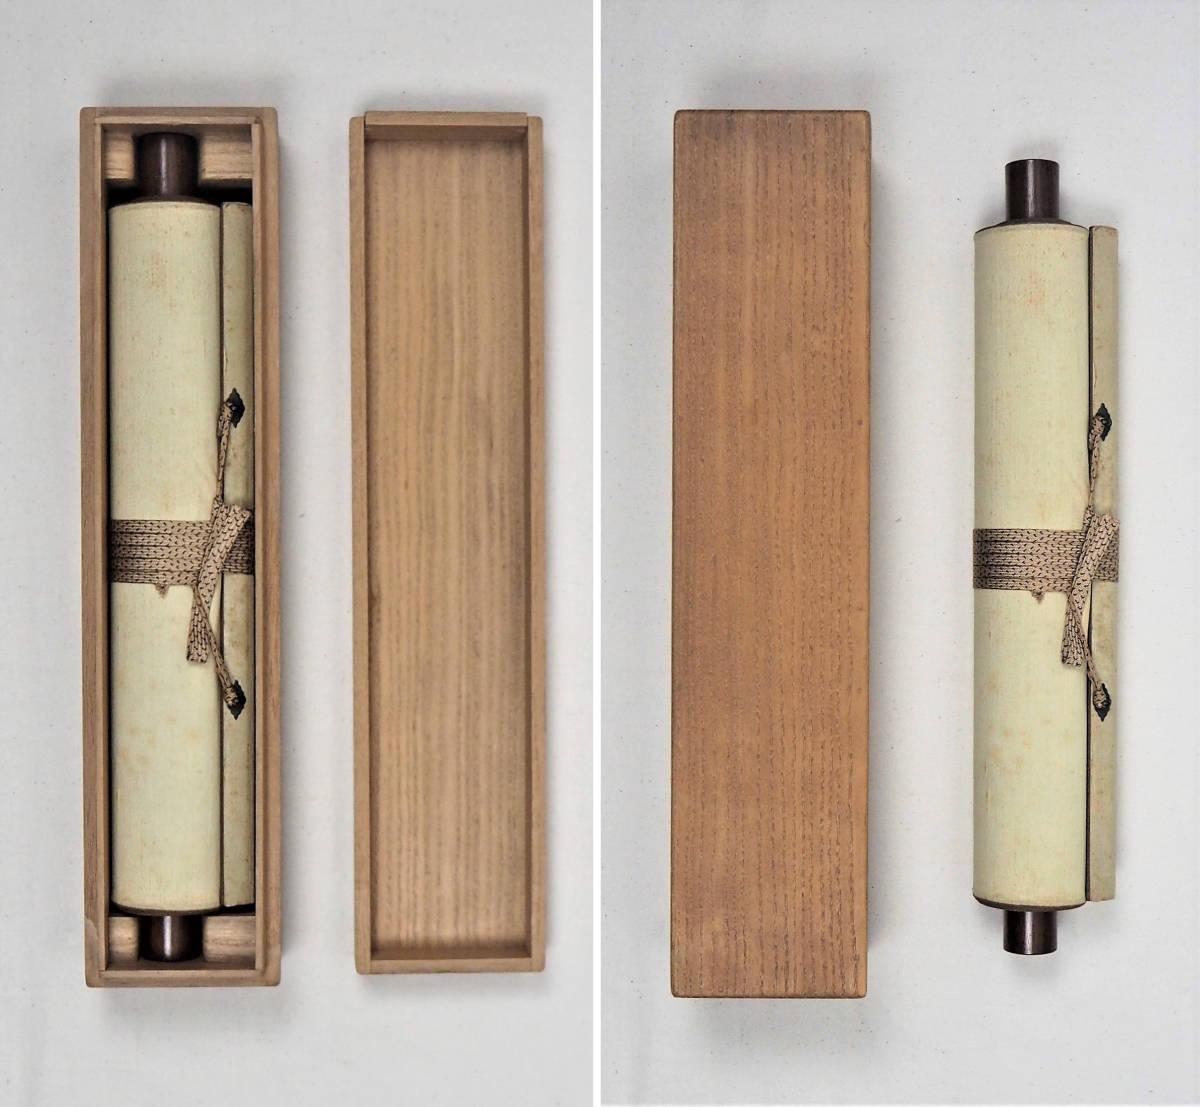 【蔵出】小川芋銭 掛け軸 紙本 水墨 淡彩 肉筆 箱付 日本美術院同人 帝国美術院参与_画像8